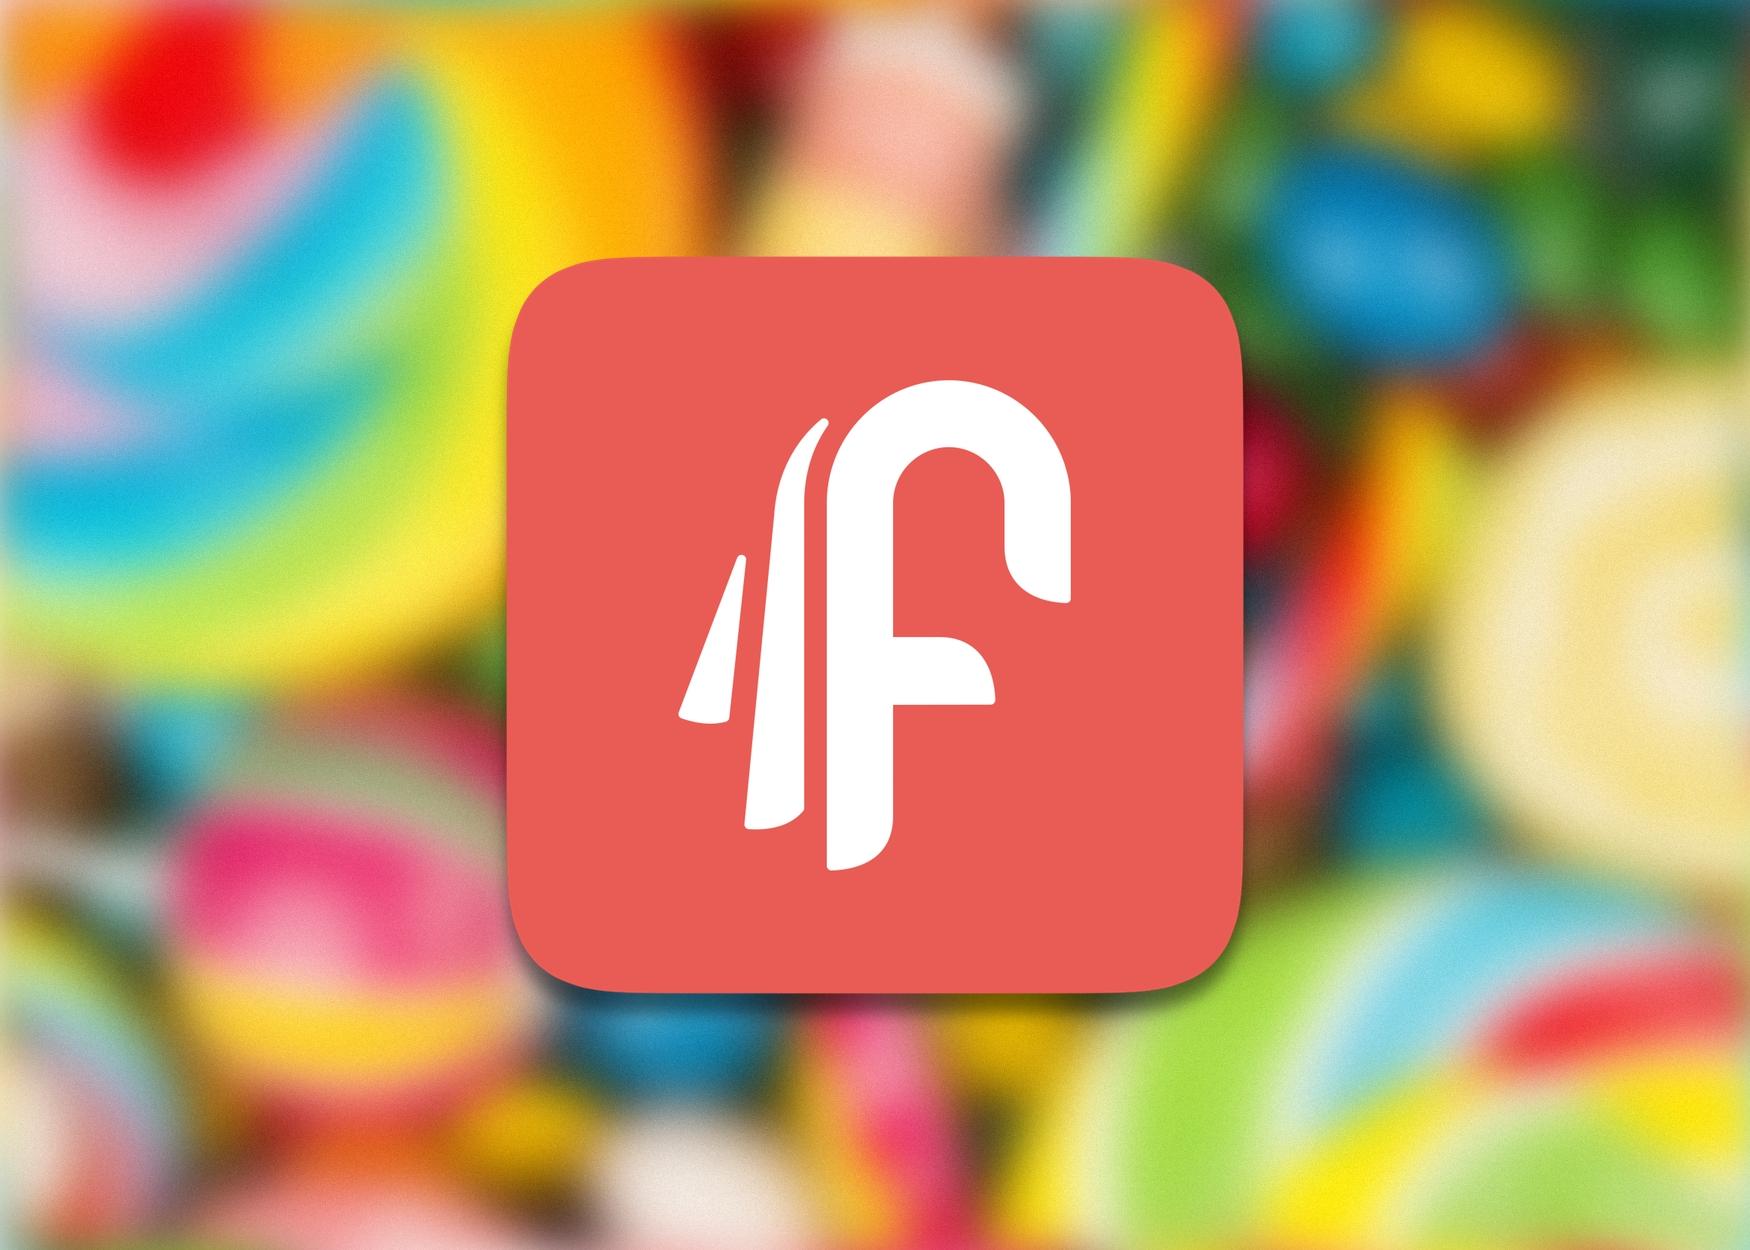 Flic удаляет ненужные снимки с iPhone в стиле Tinder